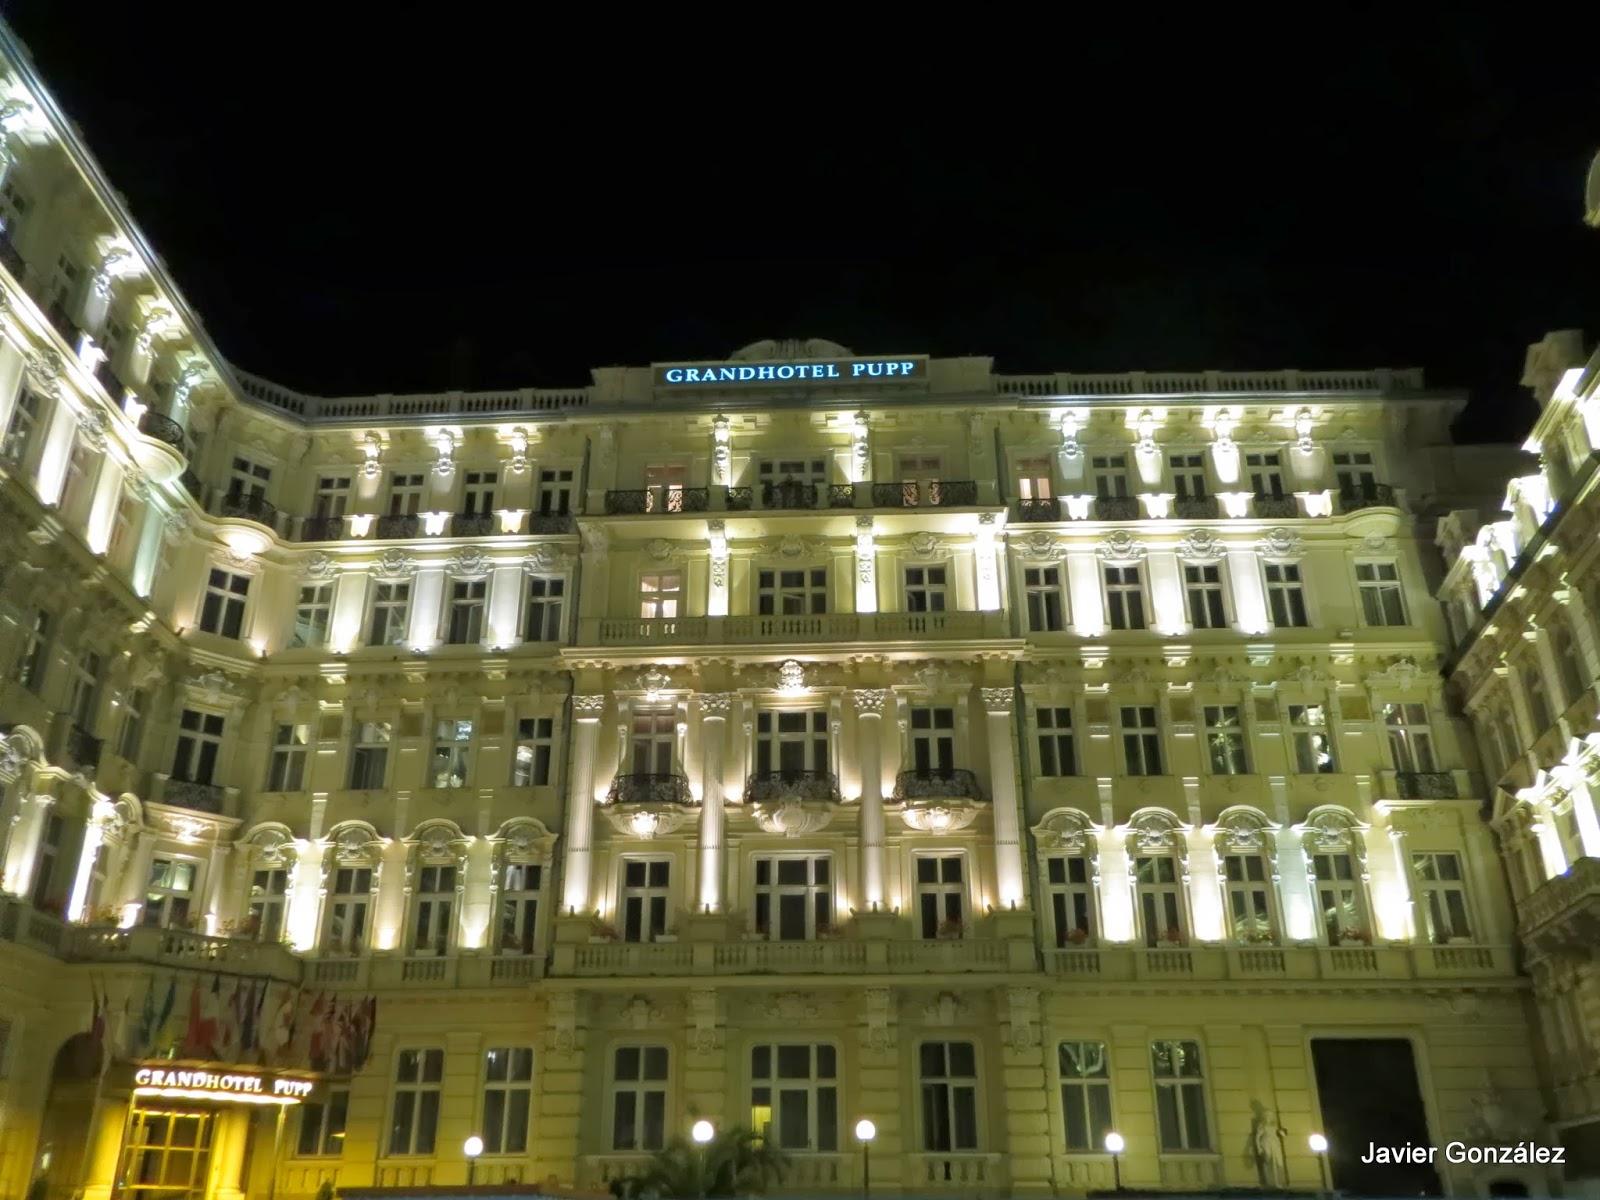 Karlovy Vary. Grand Hotel Pupp